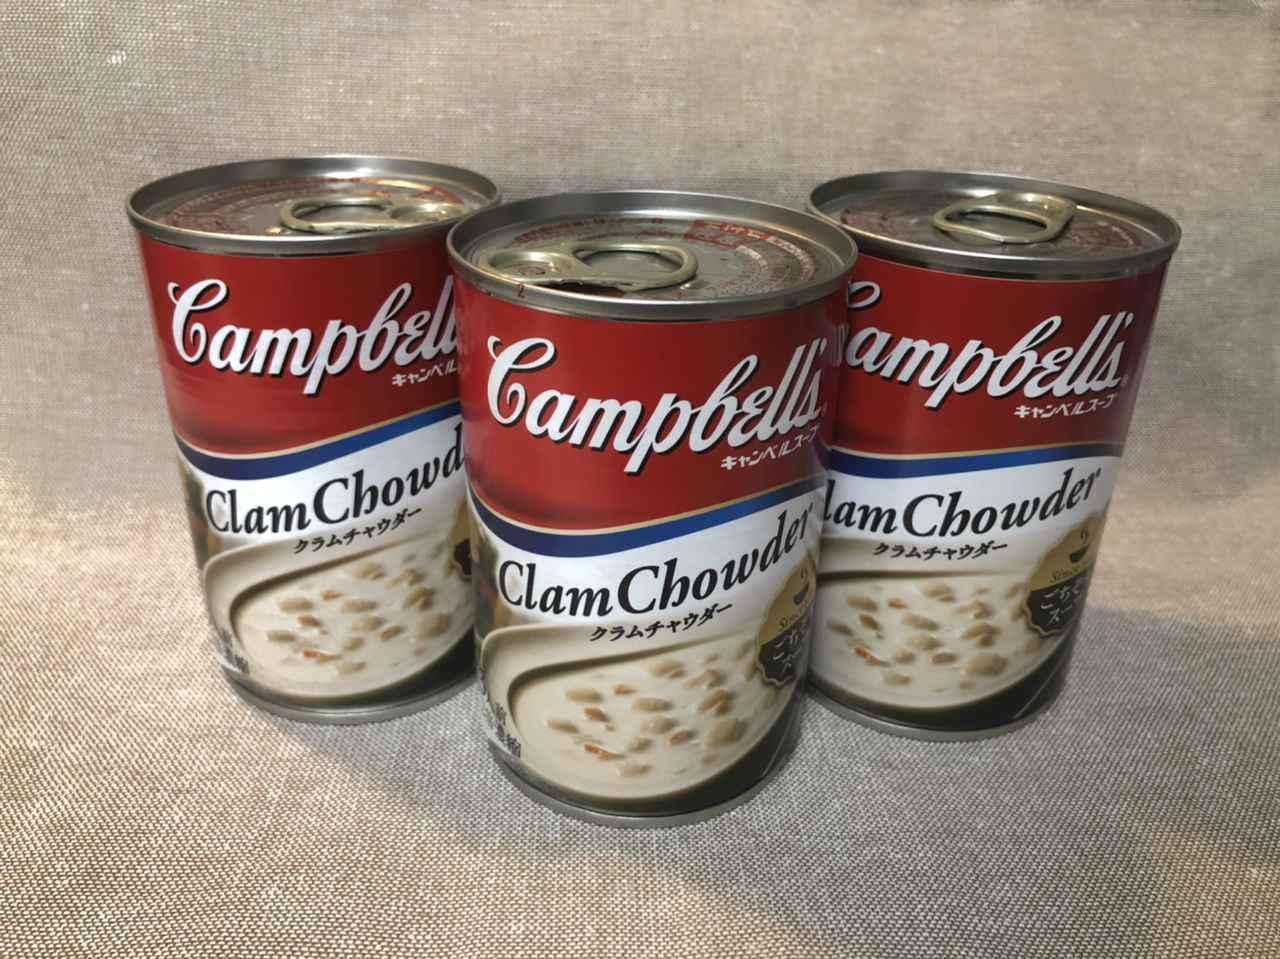 画像: 【レシピ4選】キャンベルのクラムチャウダー缶!キャンプ飯やおうち料理におすすめ! - ハピキャン(HAPPY CAMPER)